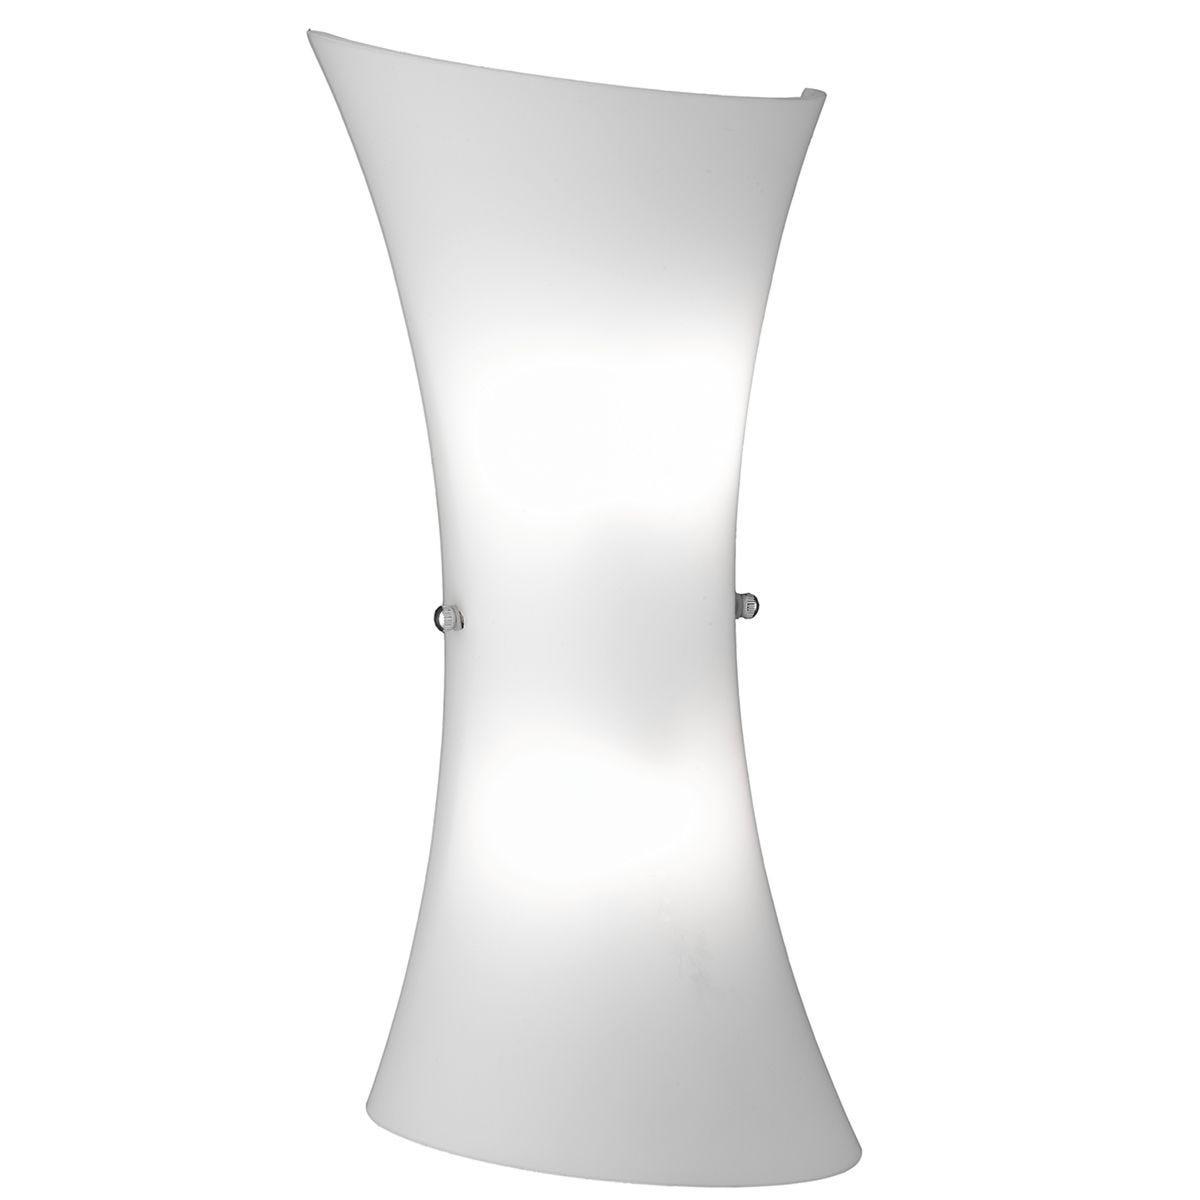 Wofi Zibo 2 Lamp Wall Light - White